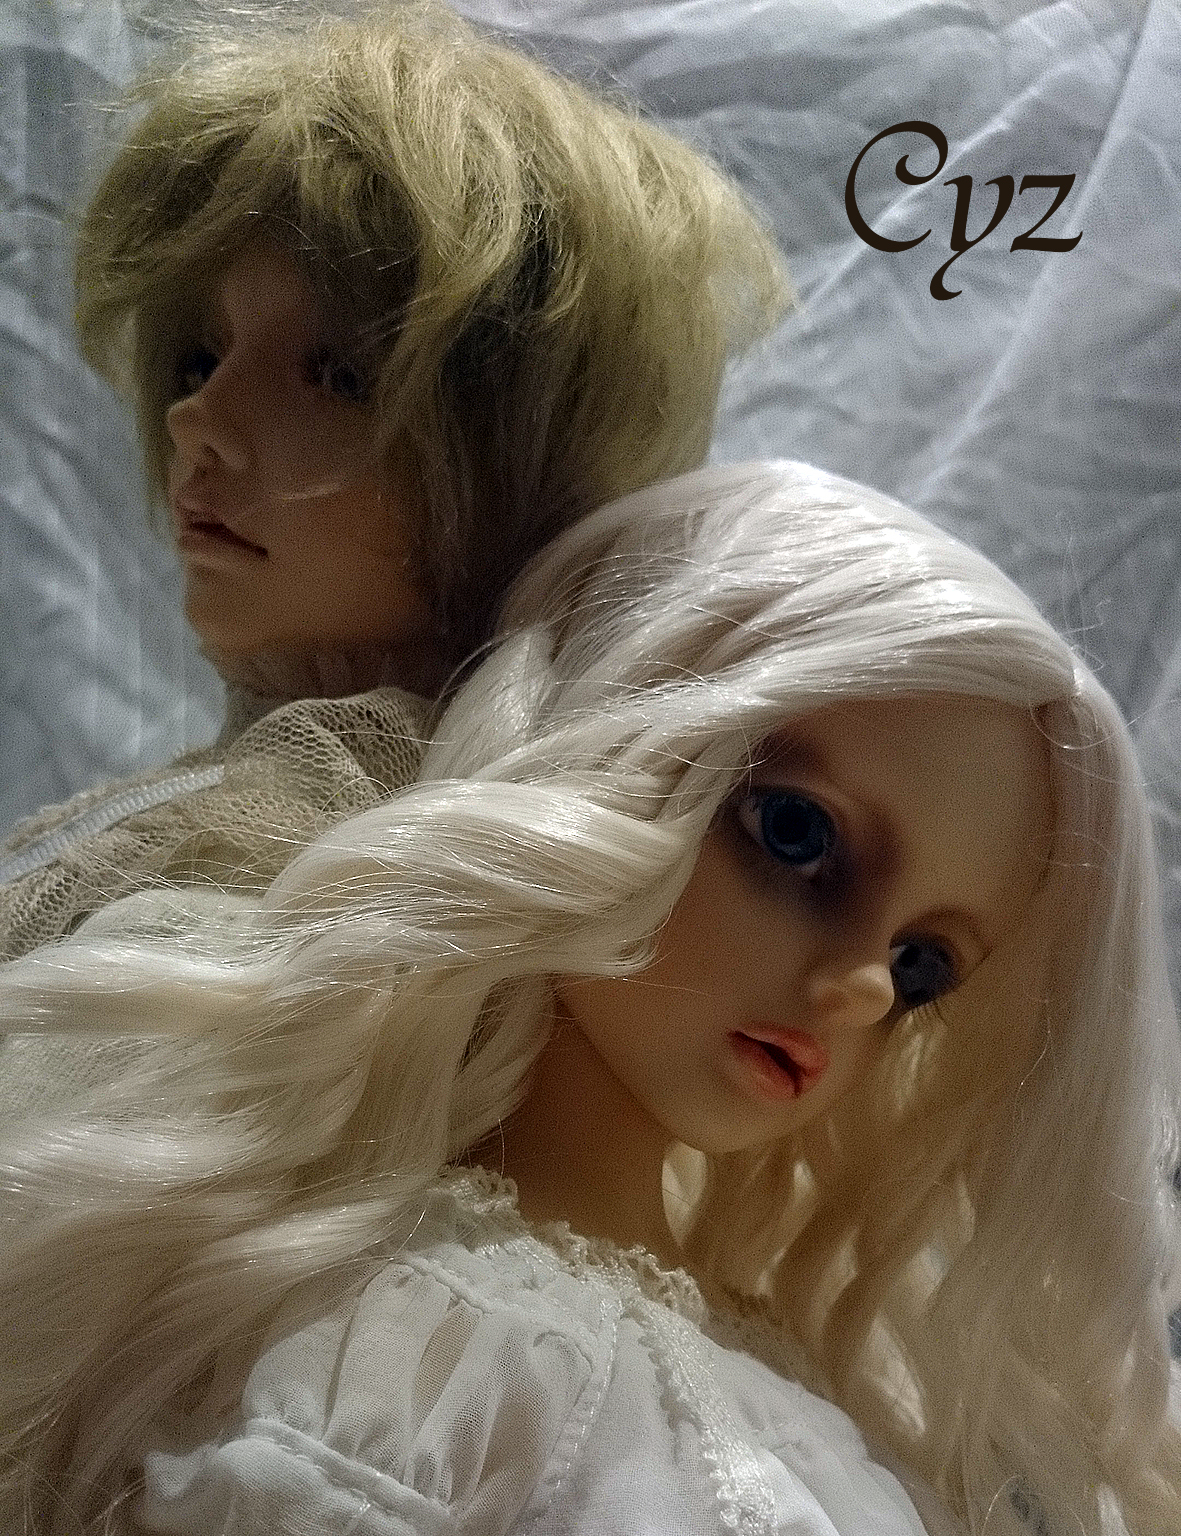 cyz01.jpg